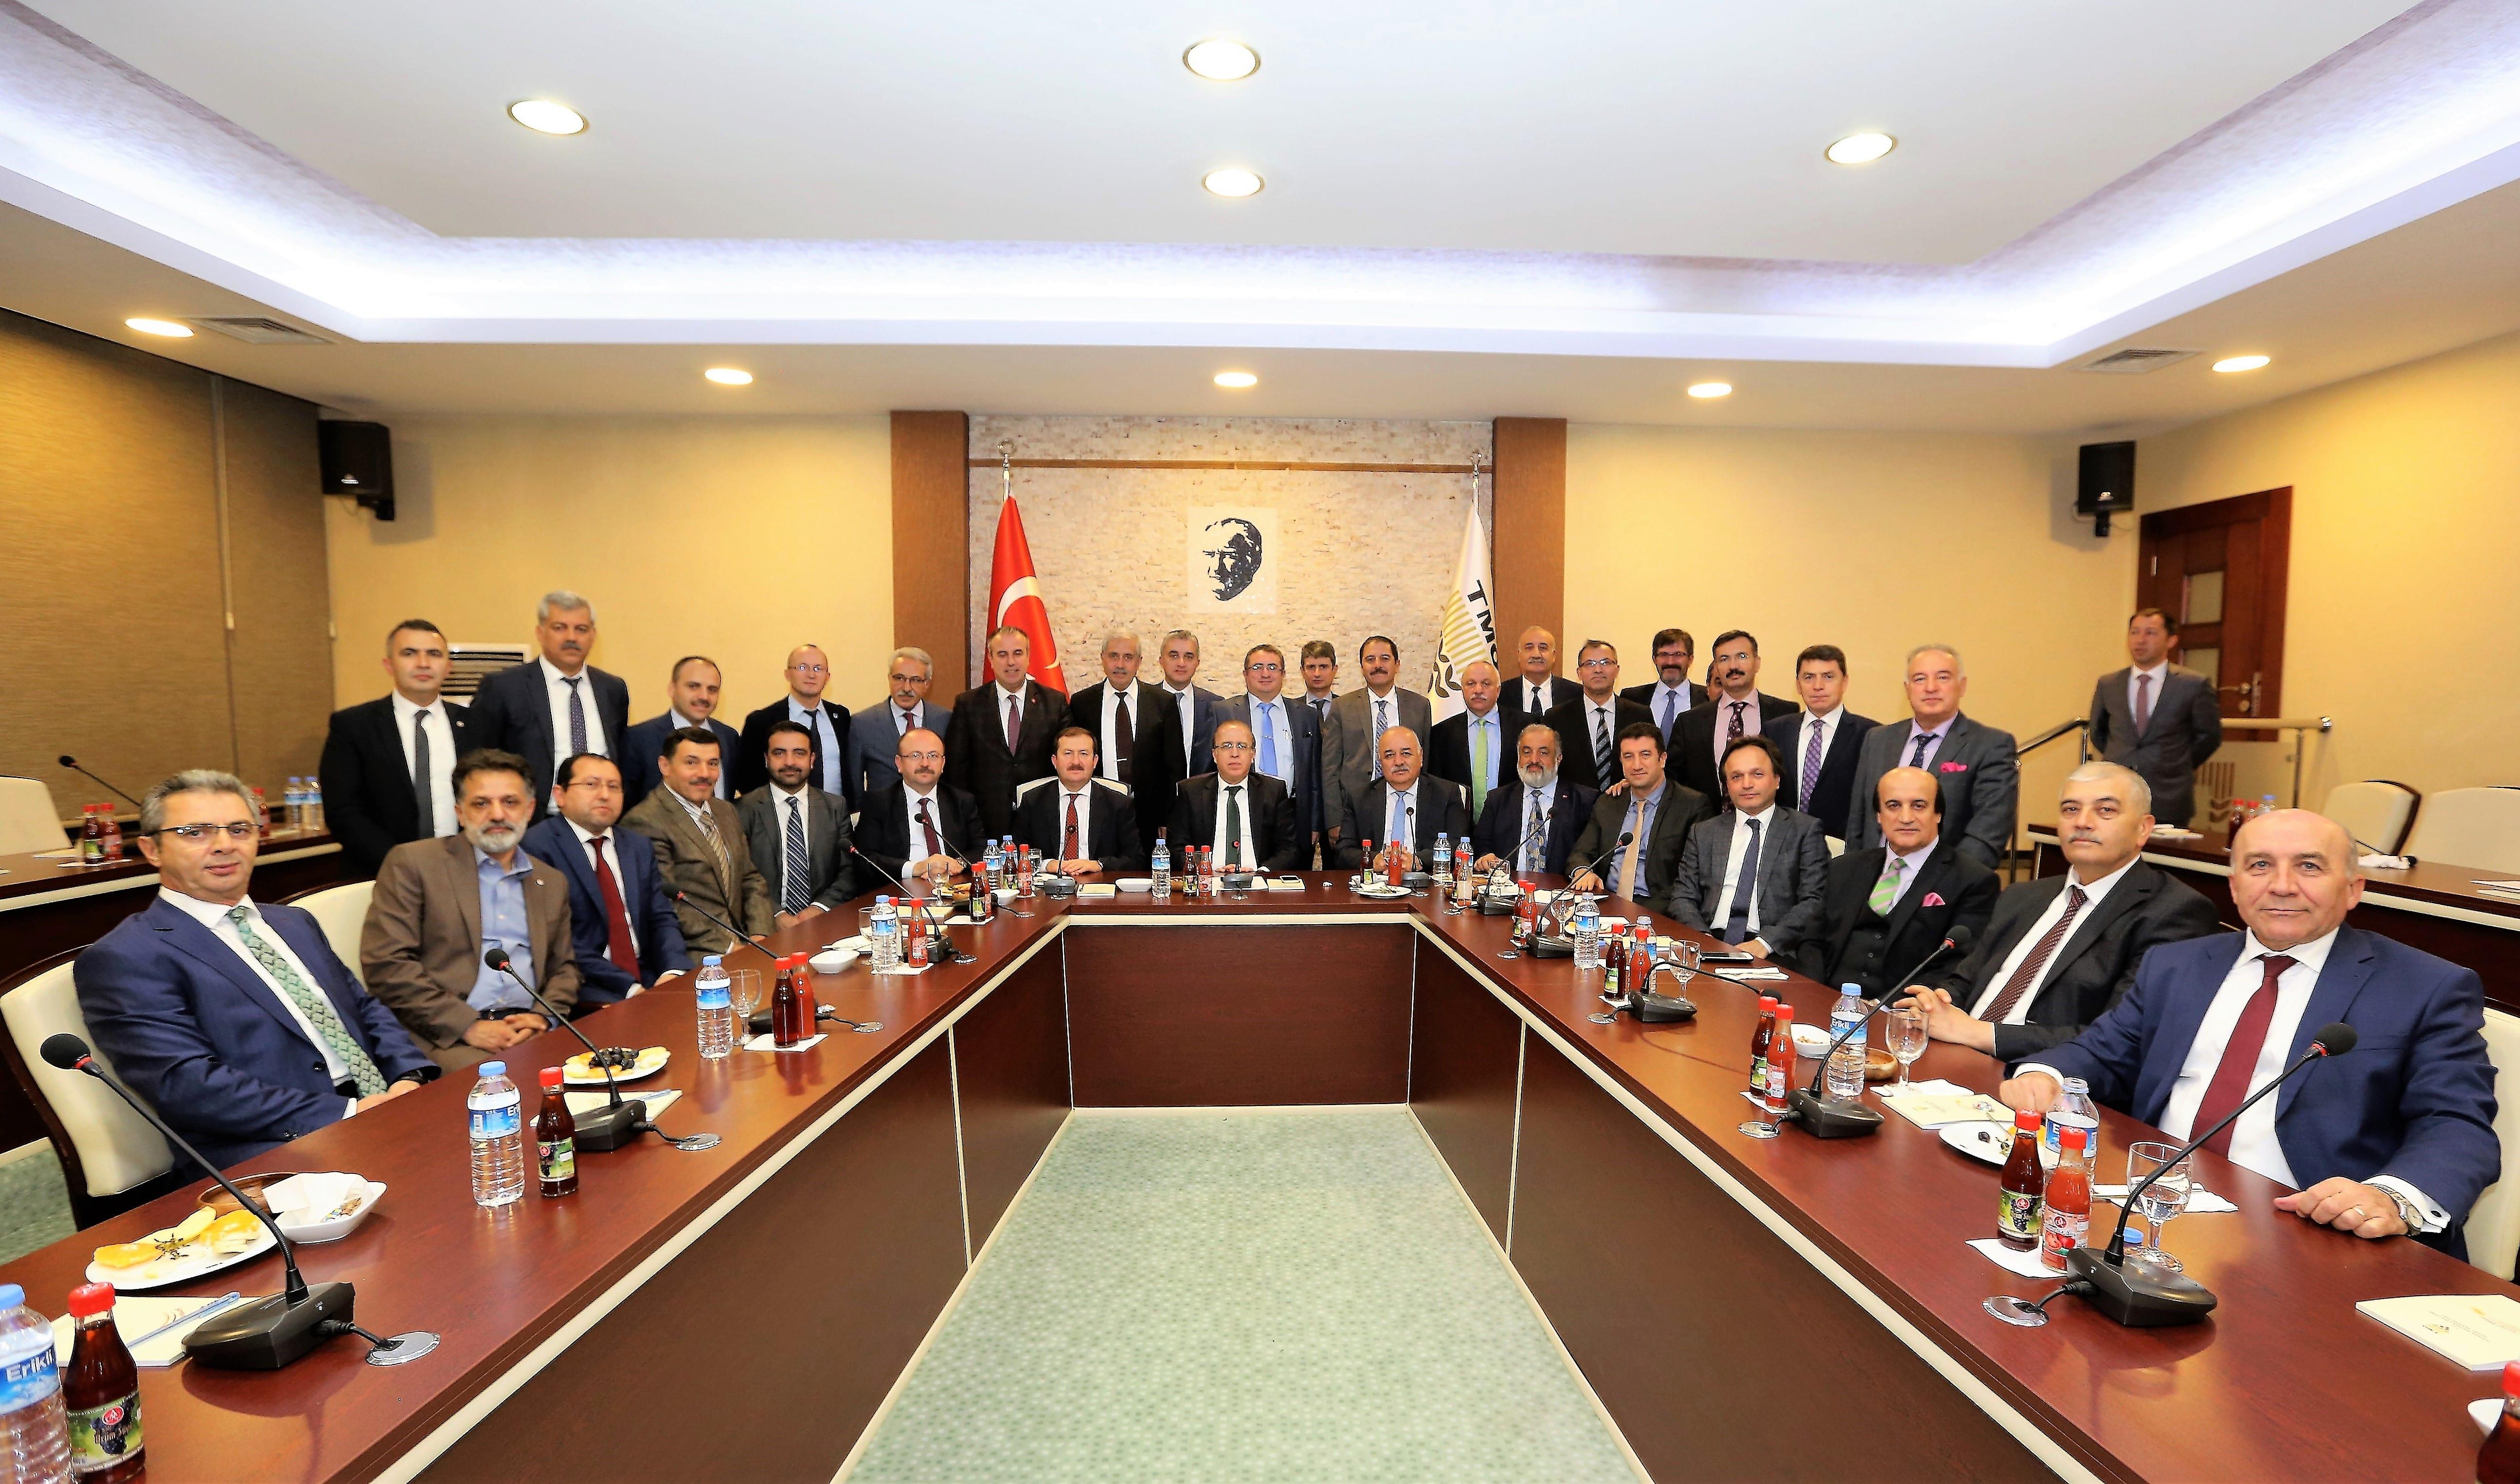 Kurumlararası Diyaloğu Geliştirme Toplantısı – TMO Genel Müdürlüğü